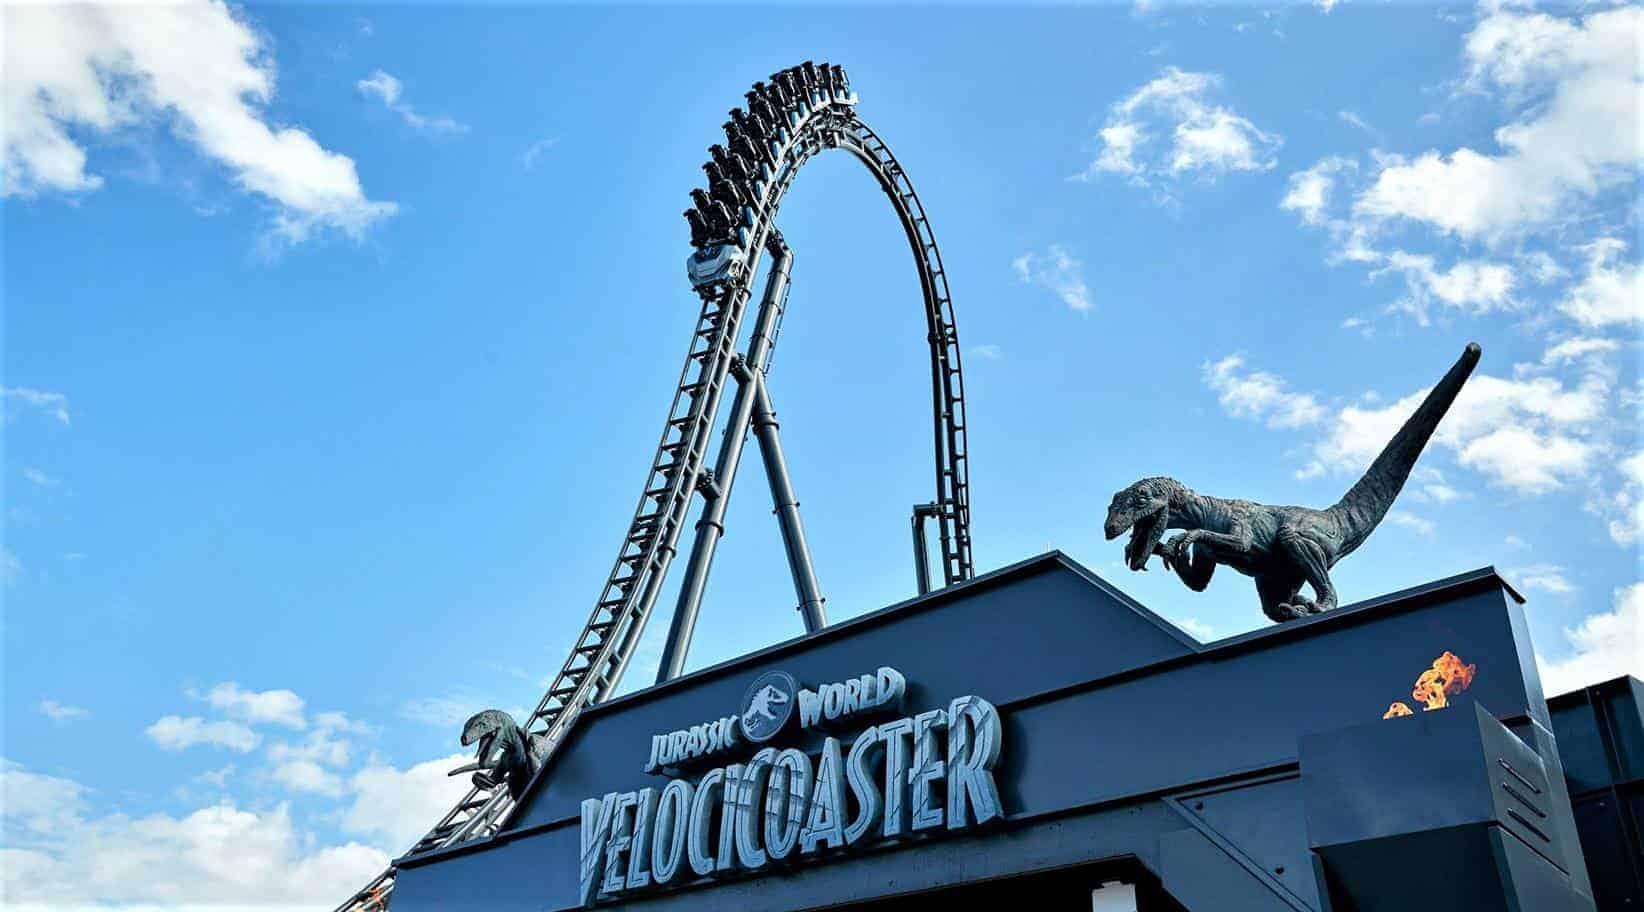 VelociCoaster: ya está abierta para el público en general la nueva montaña rusa de Jurassic World en Universal Orlando